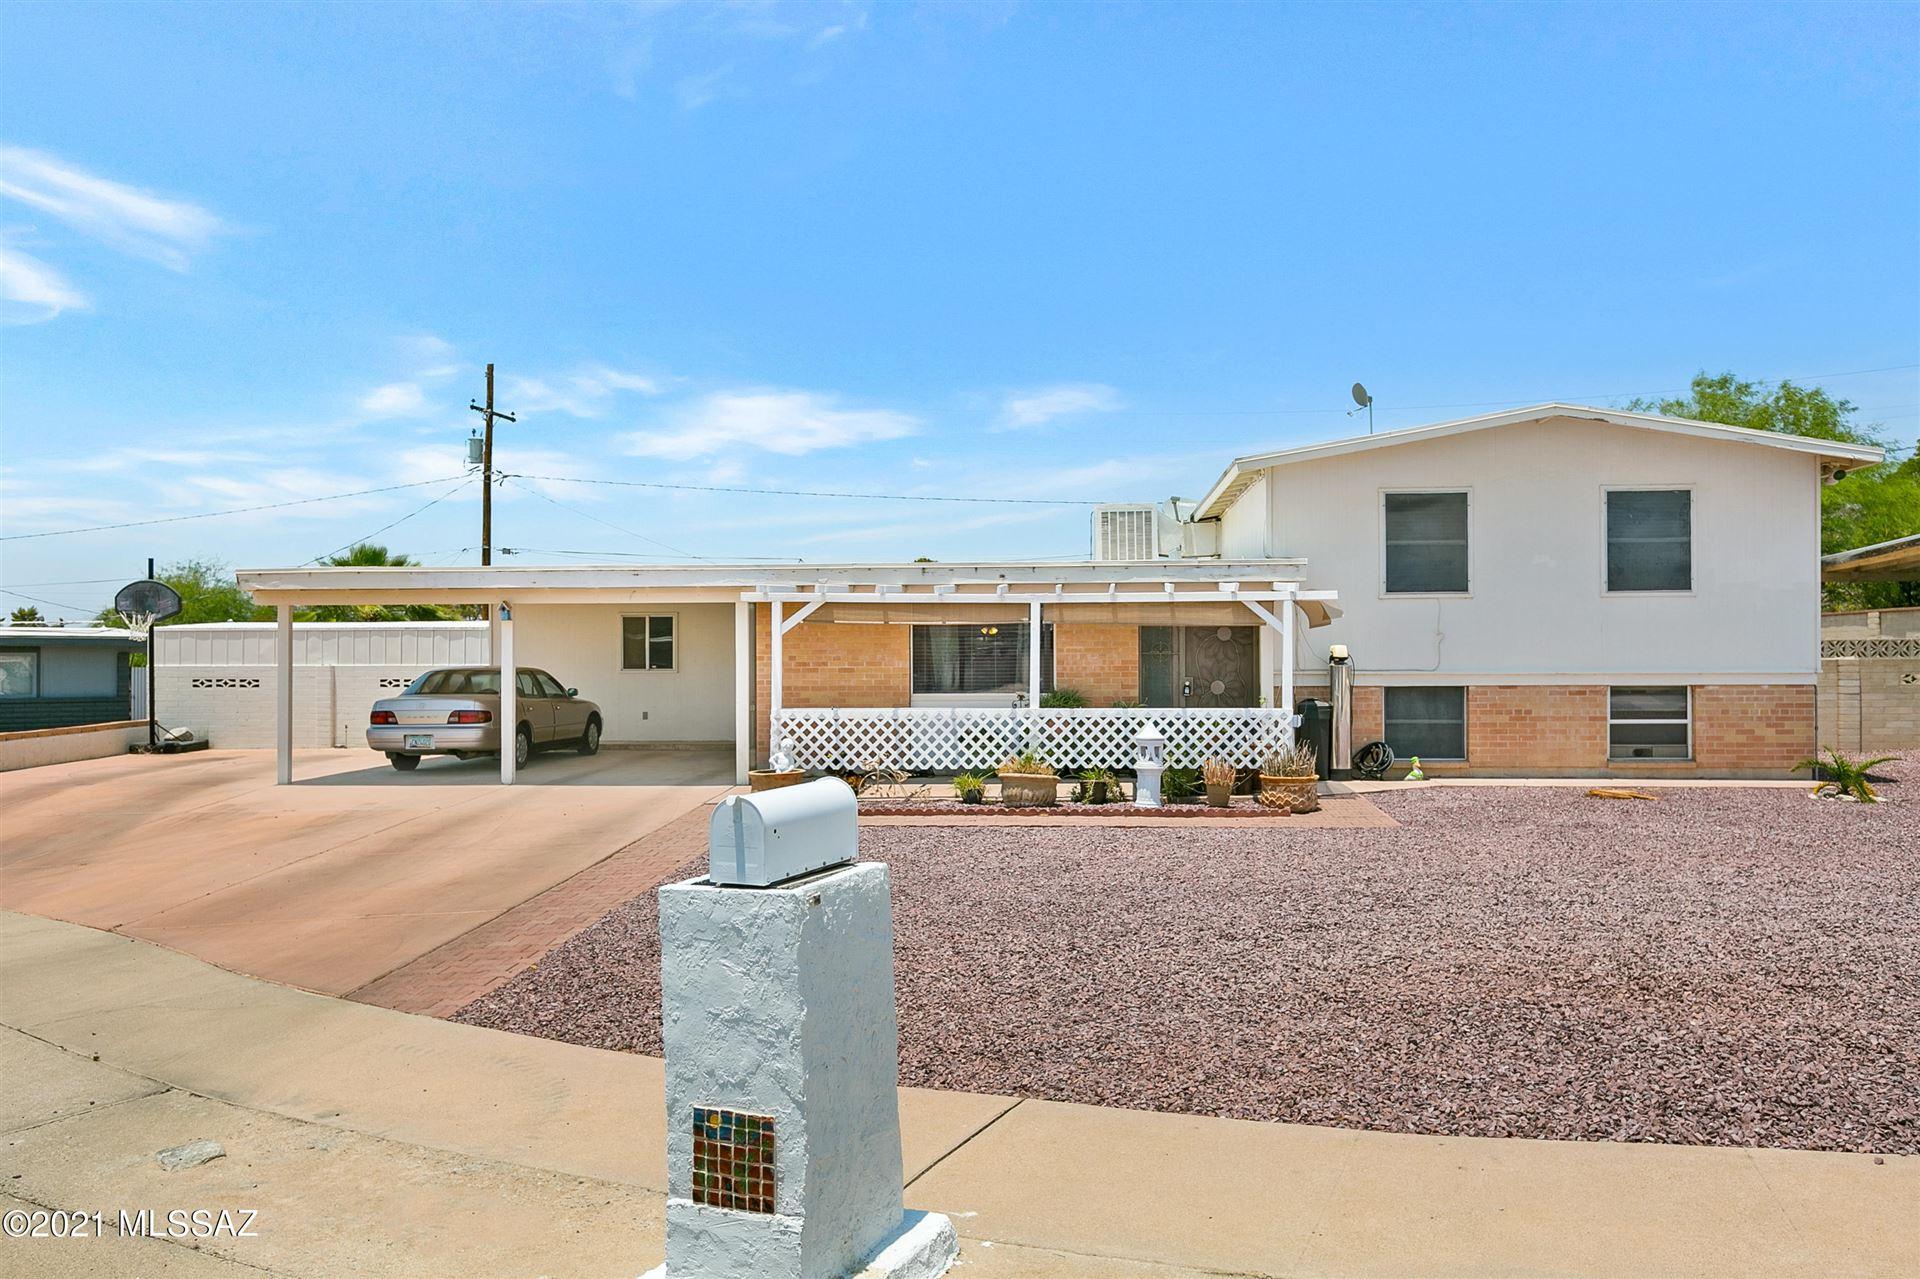 8251 E Baker Place, Tucson, AZ 85710 - MLS#: 22116037